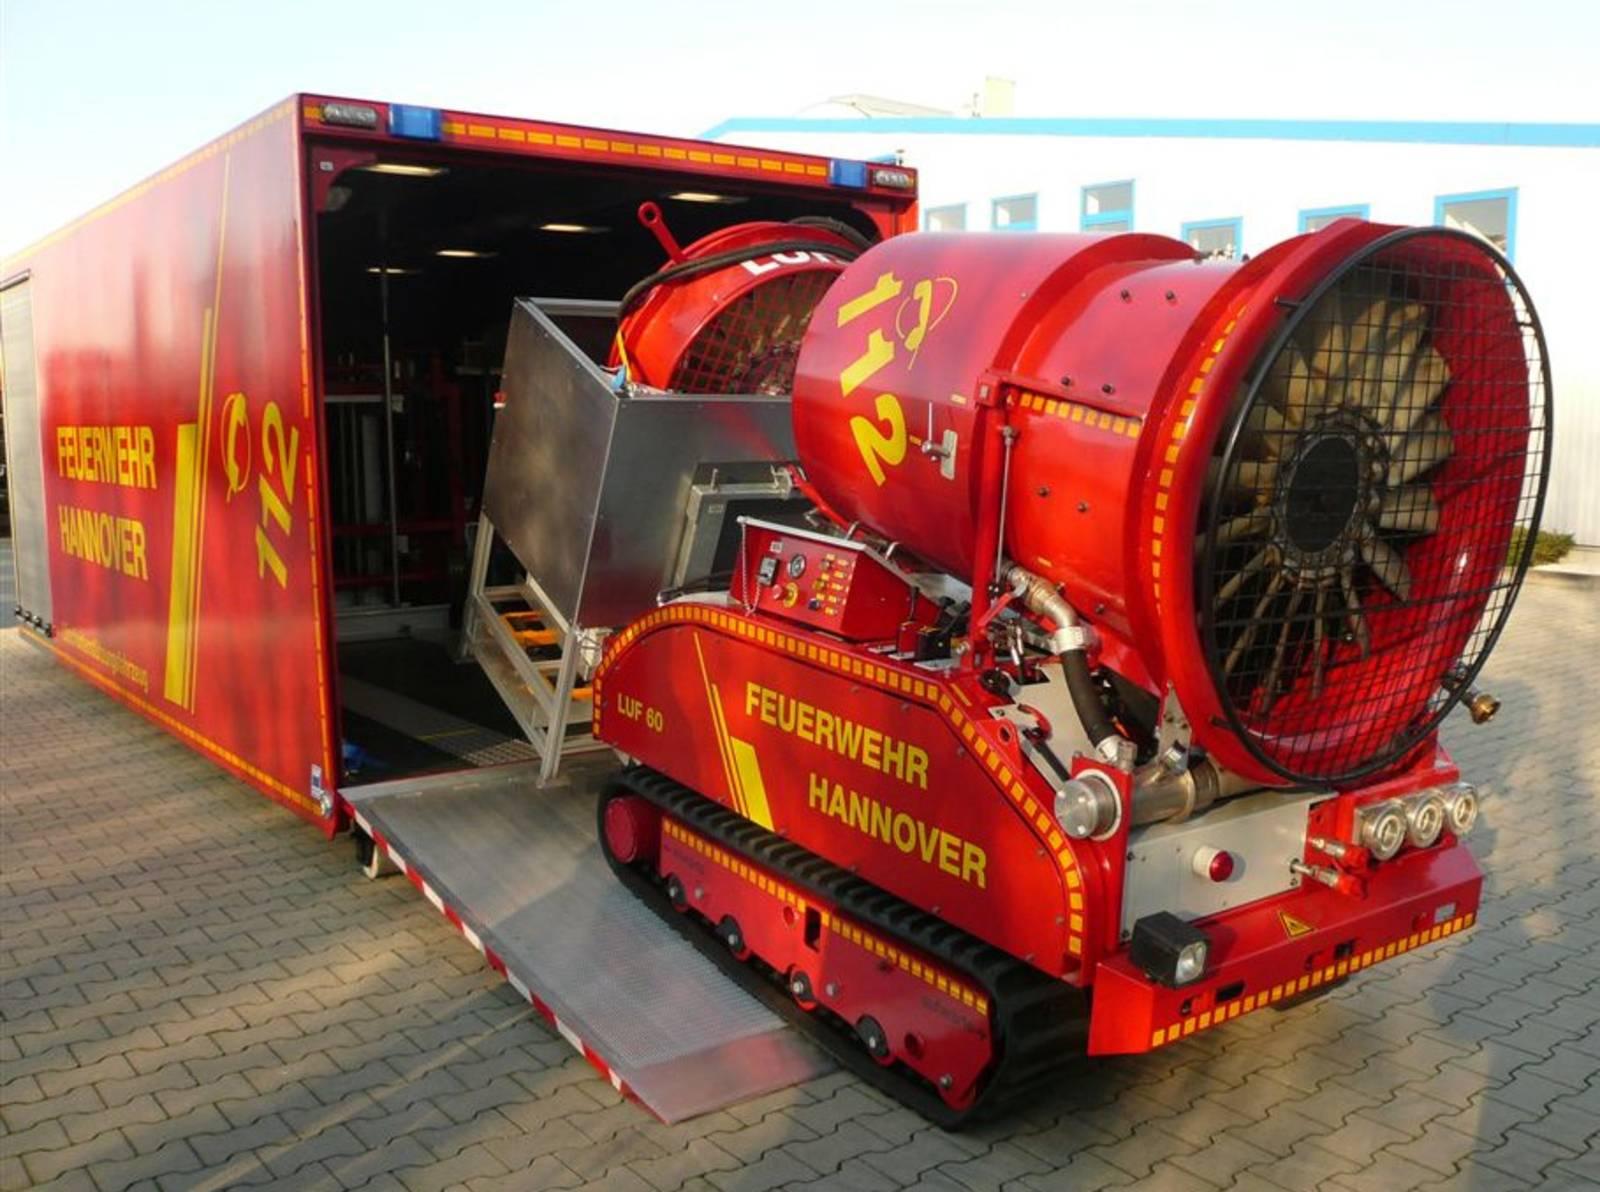 Farhzeuge der Feuerwehr Hannover